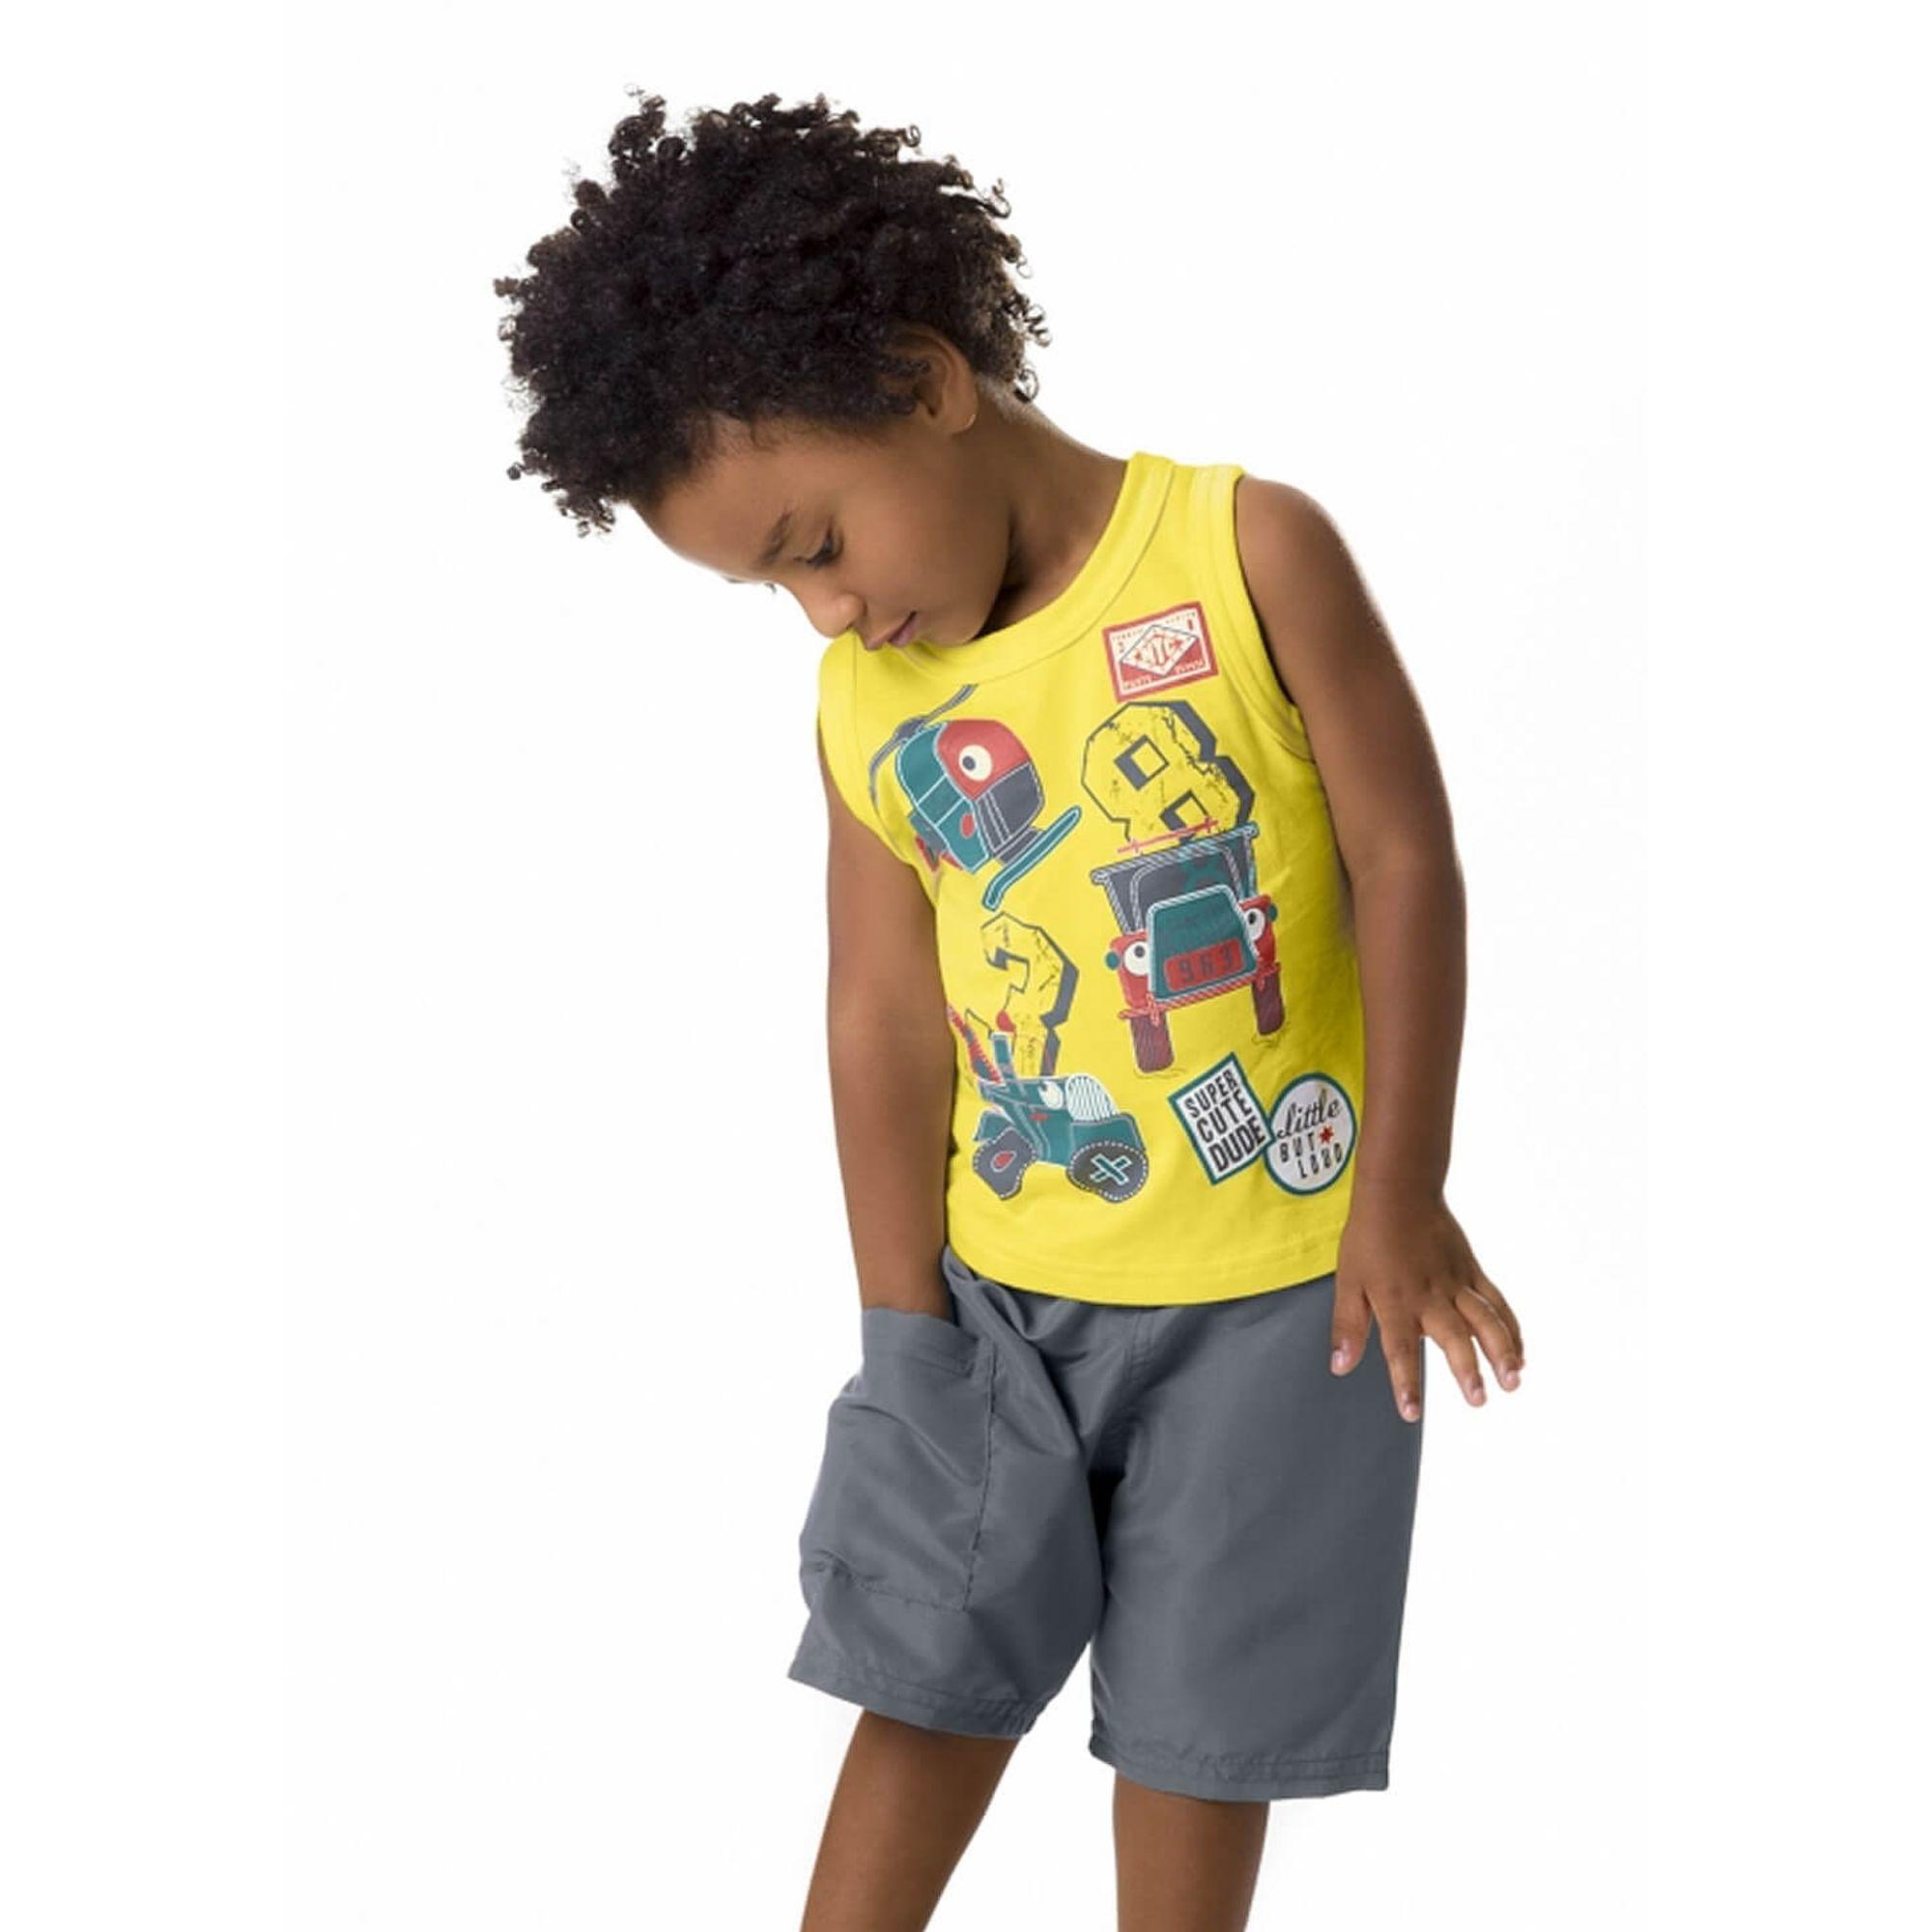 conjunto-menino-regata-amarela-e-bermuda-microfibra-cinza-up-baby